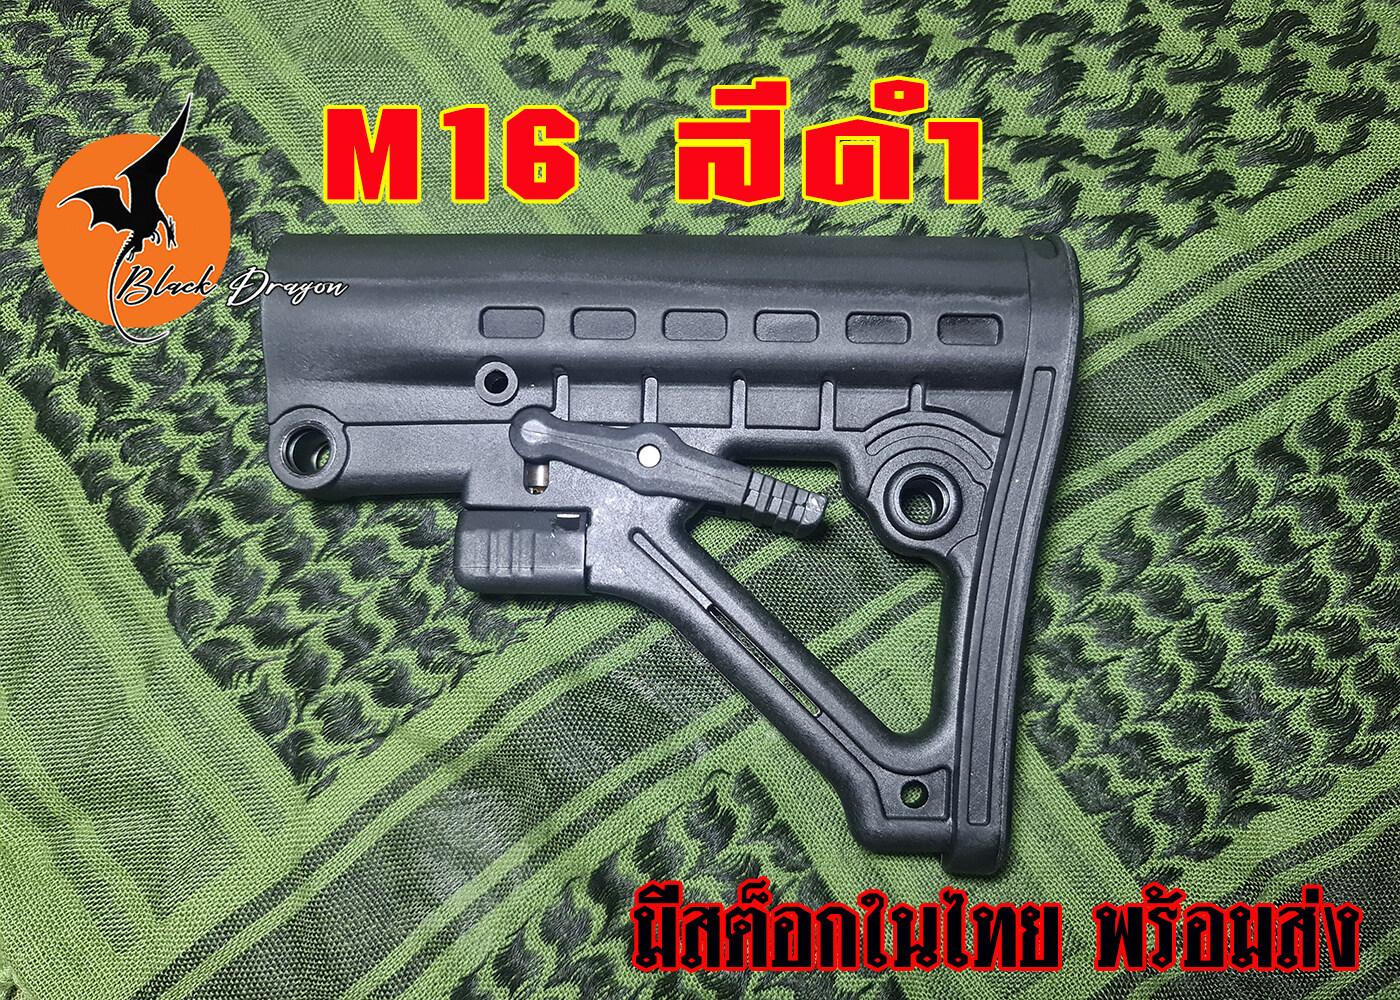 พานท้ายM4,ท้ายM4,ท้ายจุดแดง Viper MOD-1,FAB,CTR,MFT,CAA,FAB,SBA3,Python,M16,DD,SS